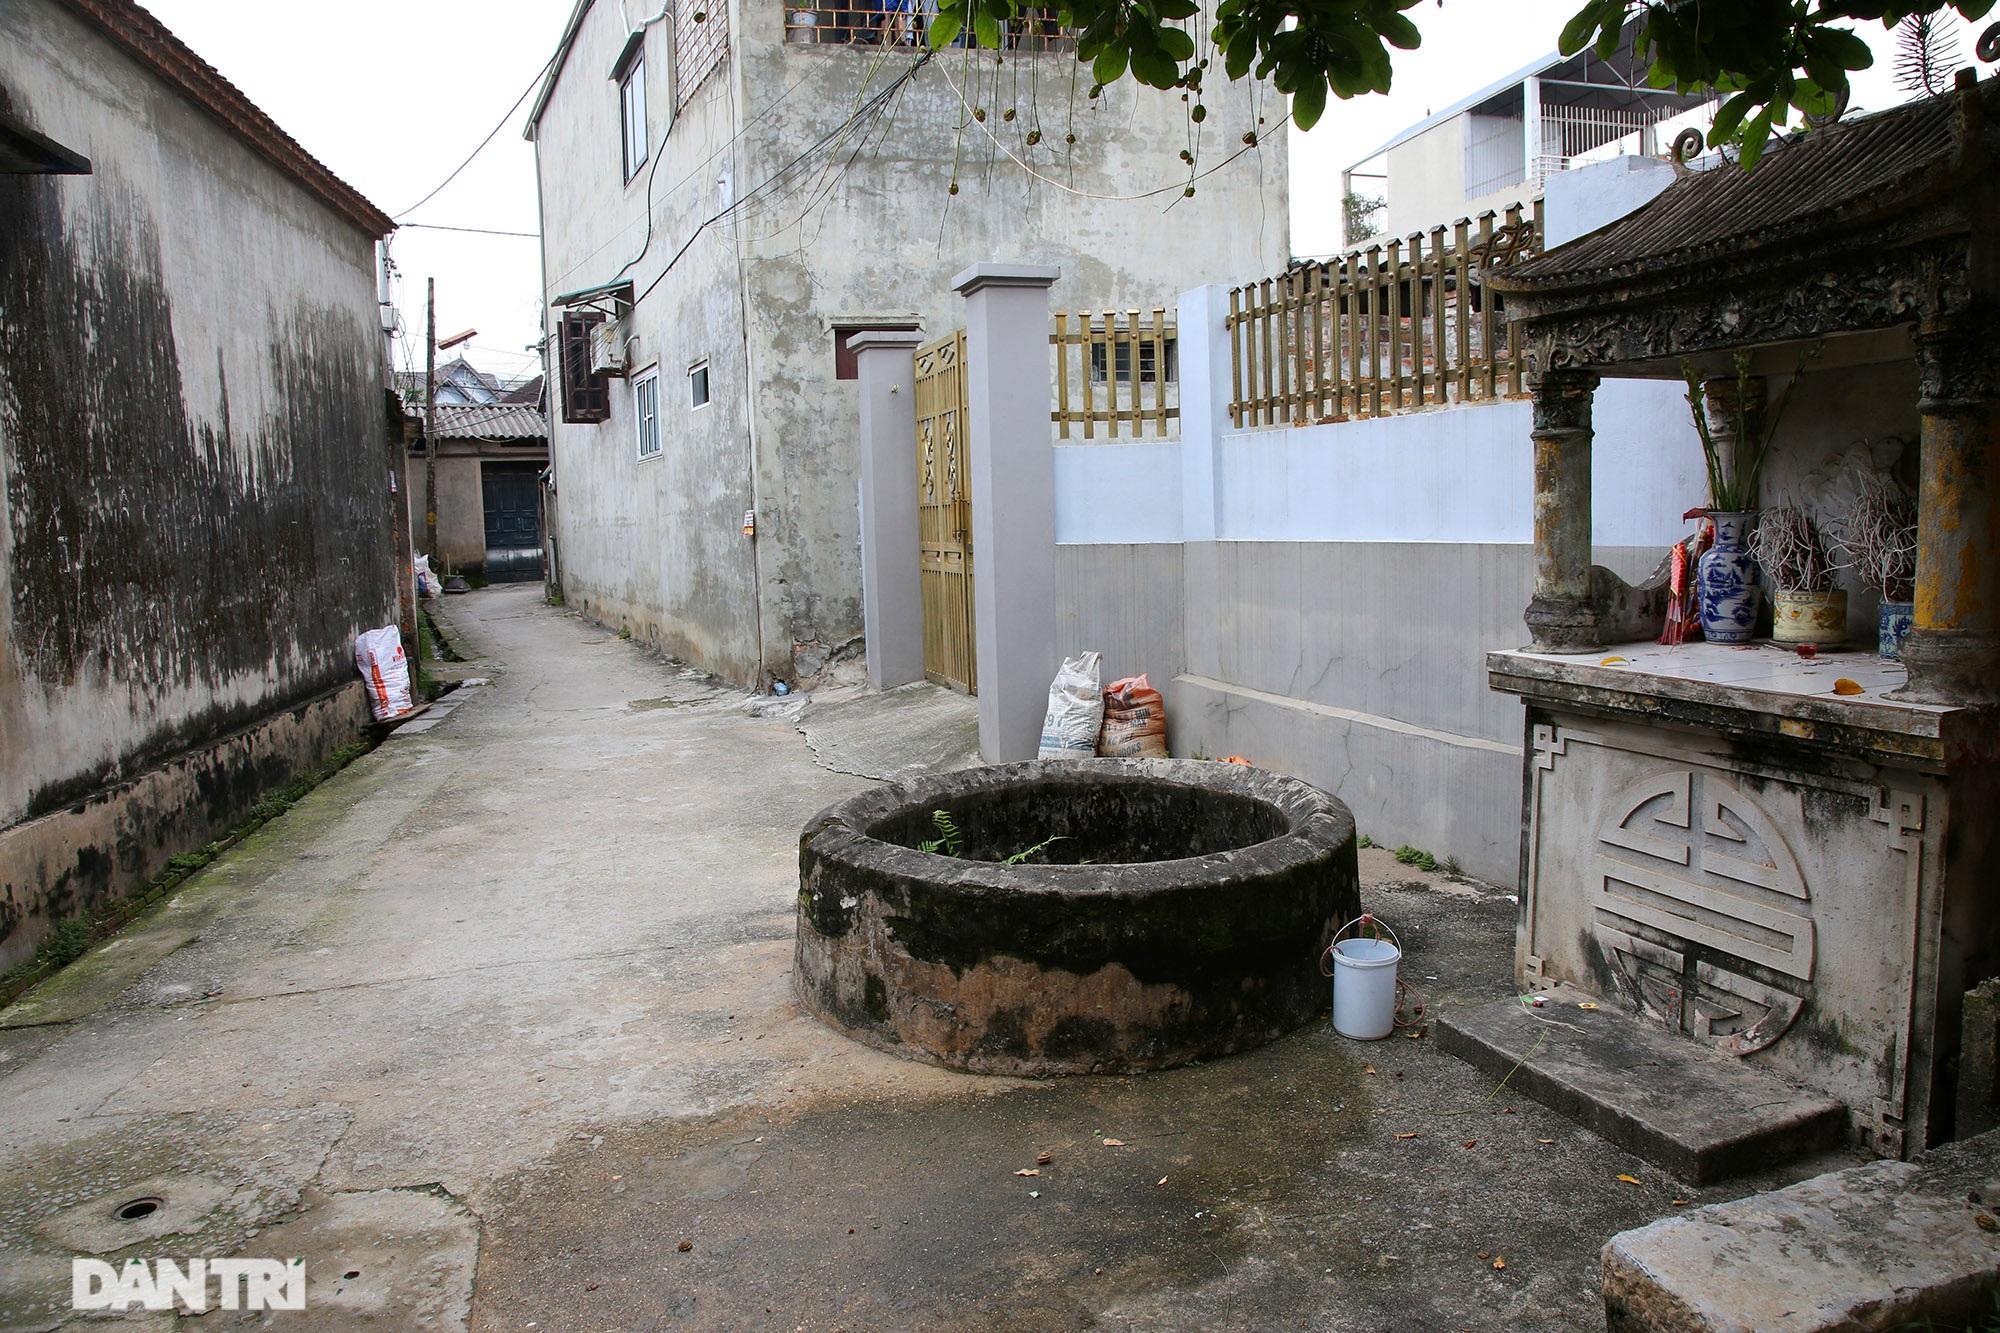 Bí ẩn 99 giếng cổ thiên tạo trong một làng ở Hà Nội - 6